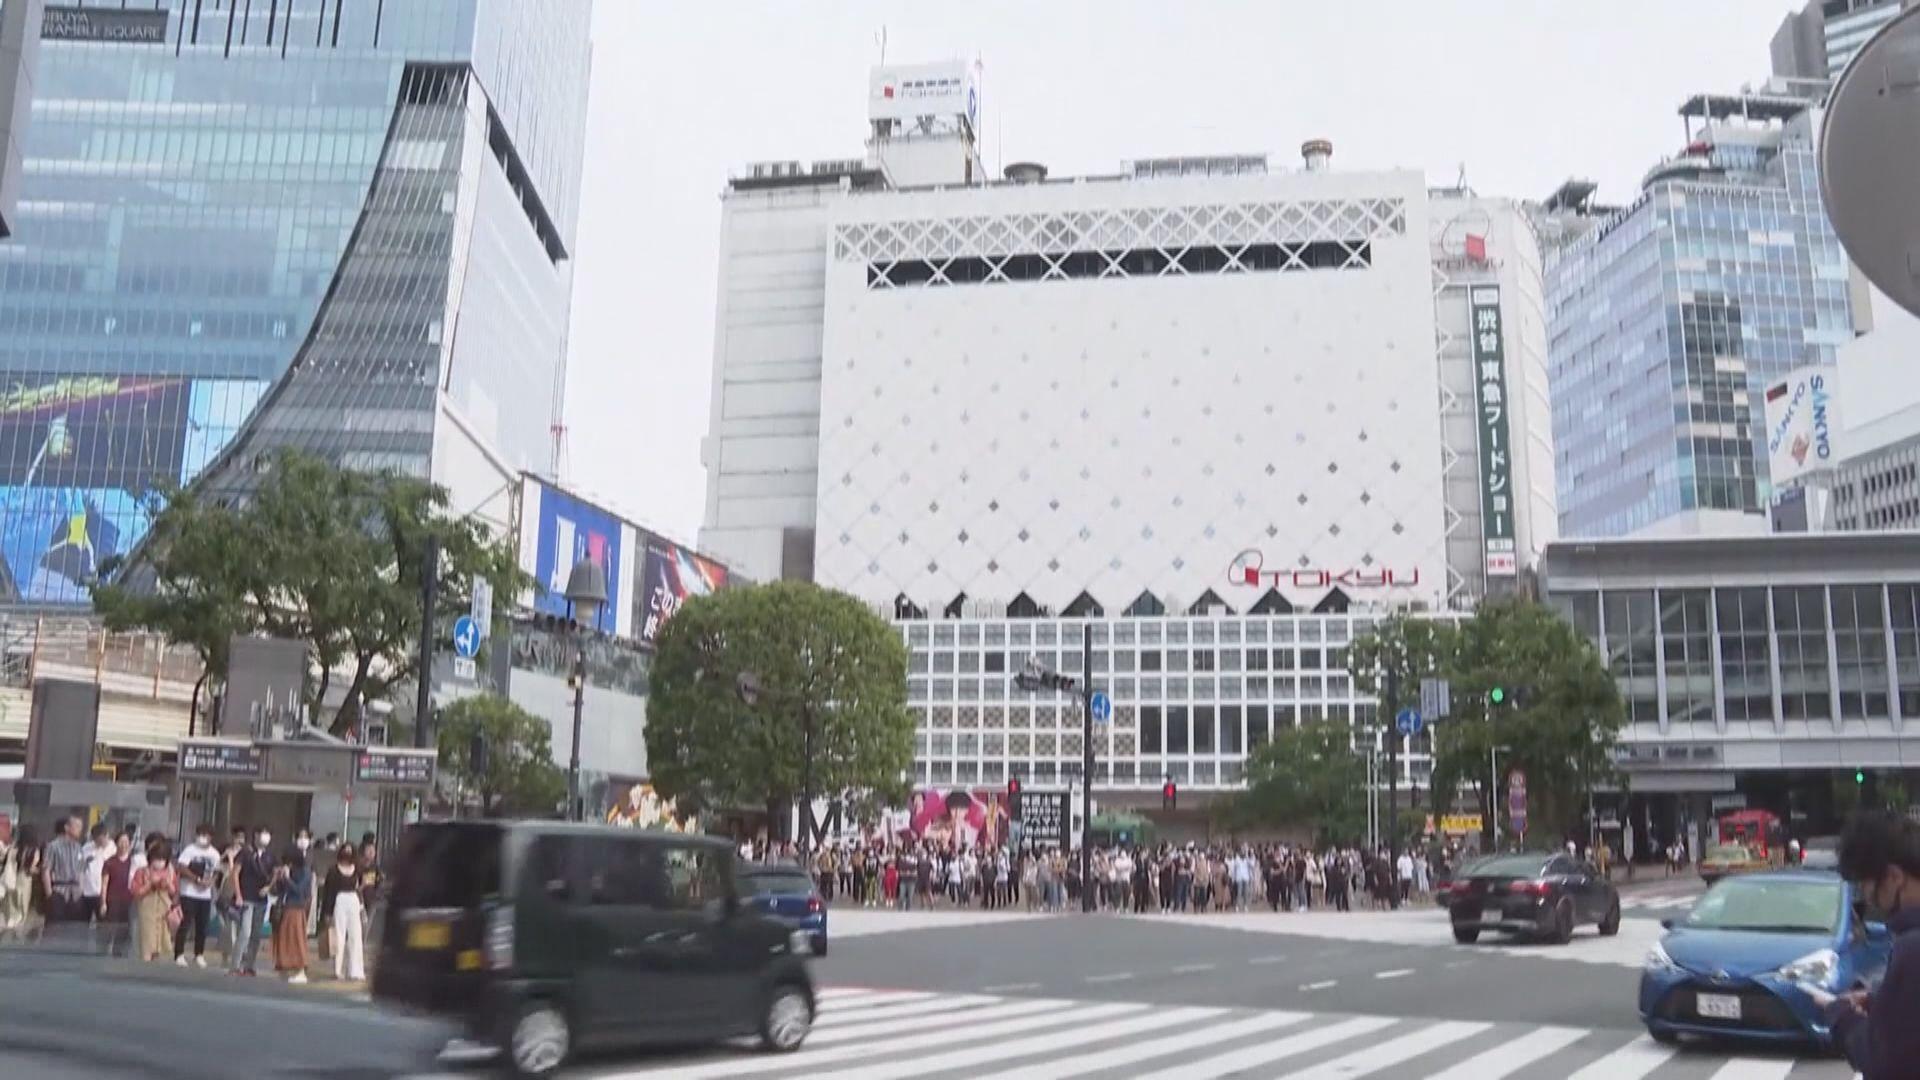 日本疫情反彈 東京都增近三百宗確診